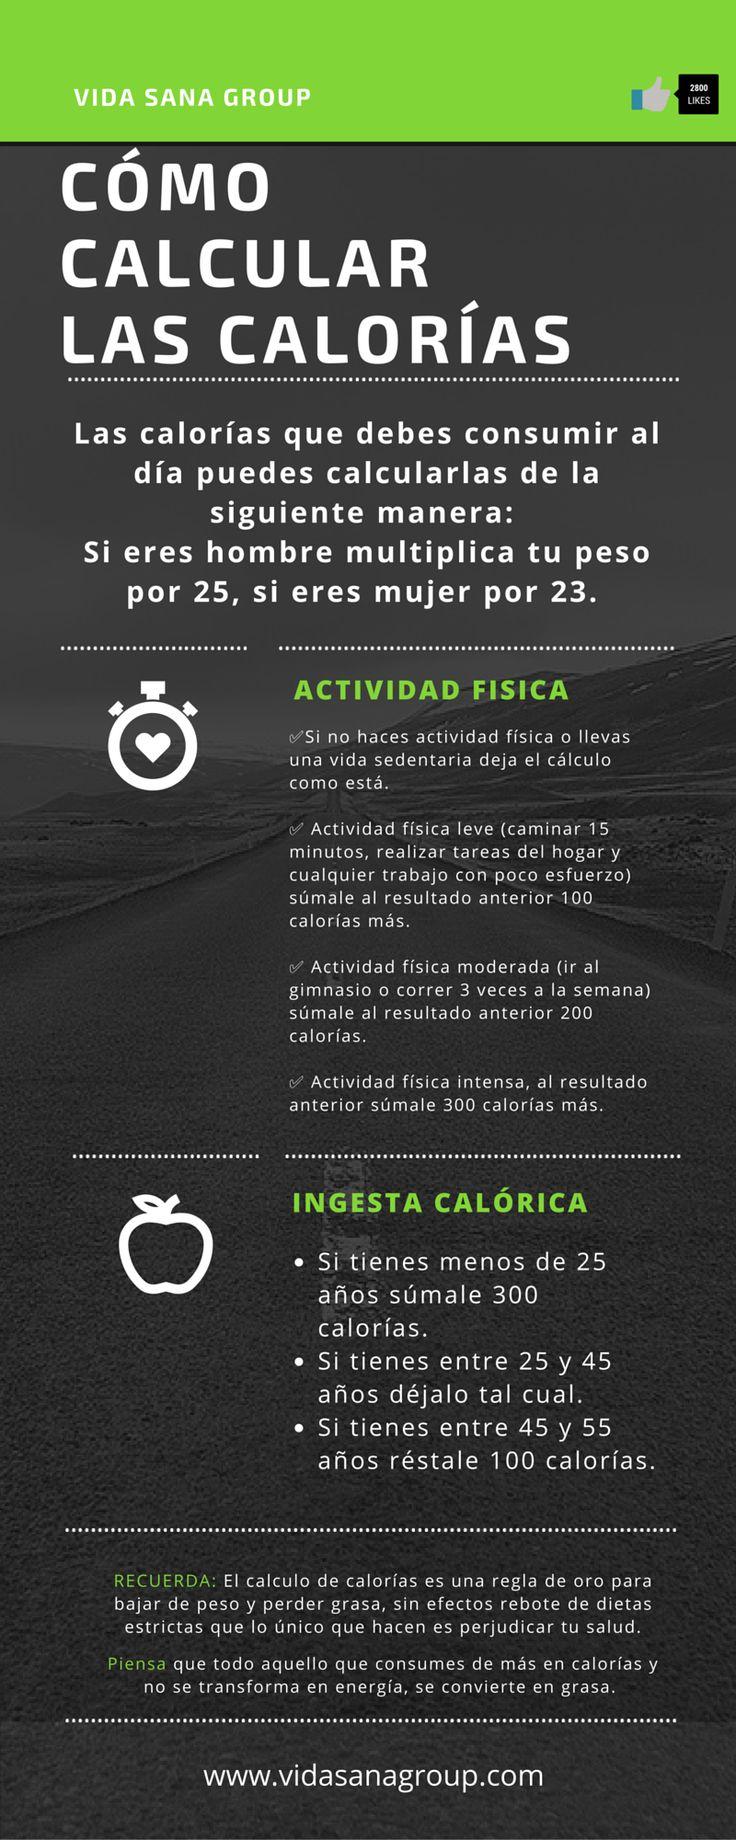 Cómo calcular las calorías